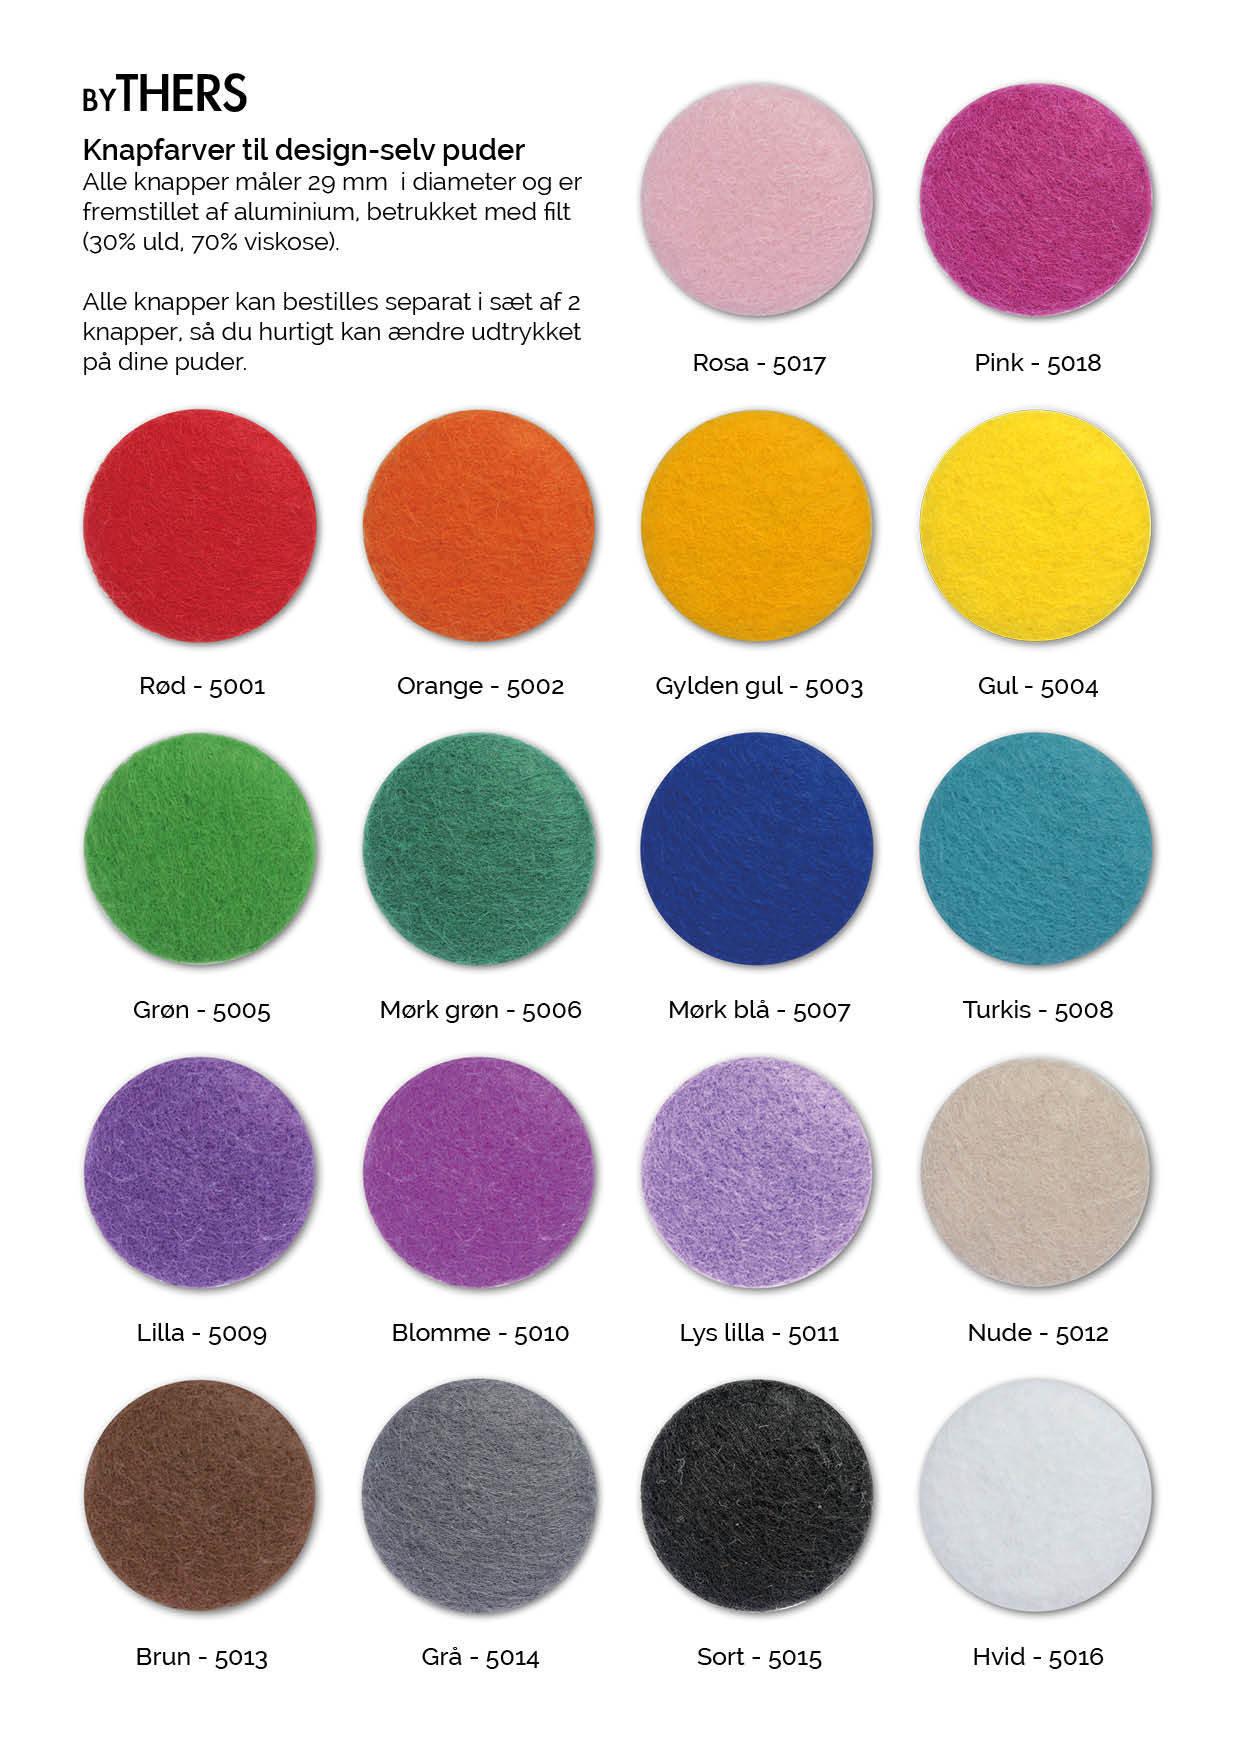 Knapfarver til byTHERS design-selv puders